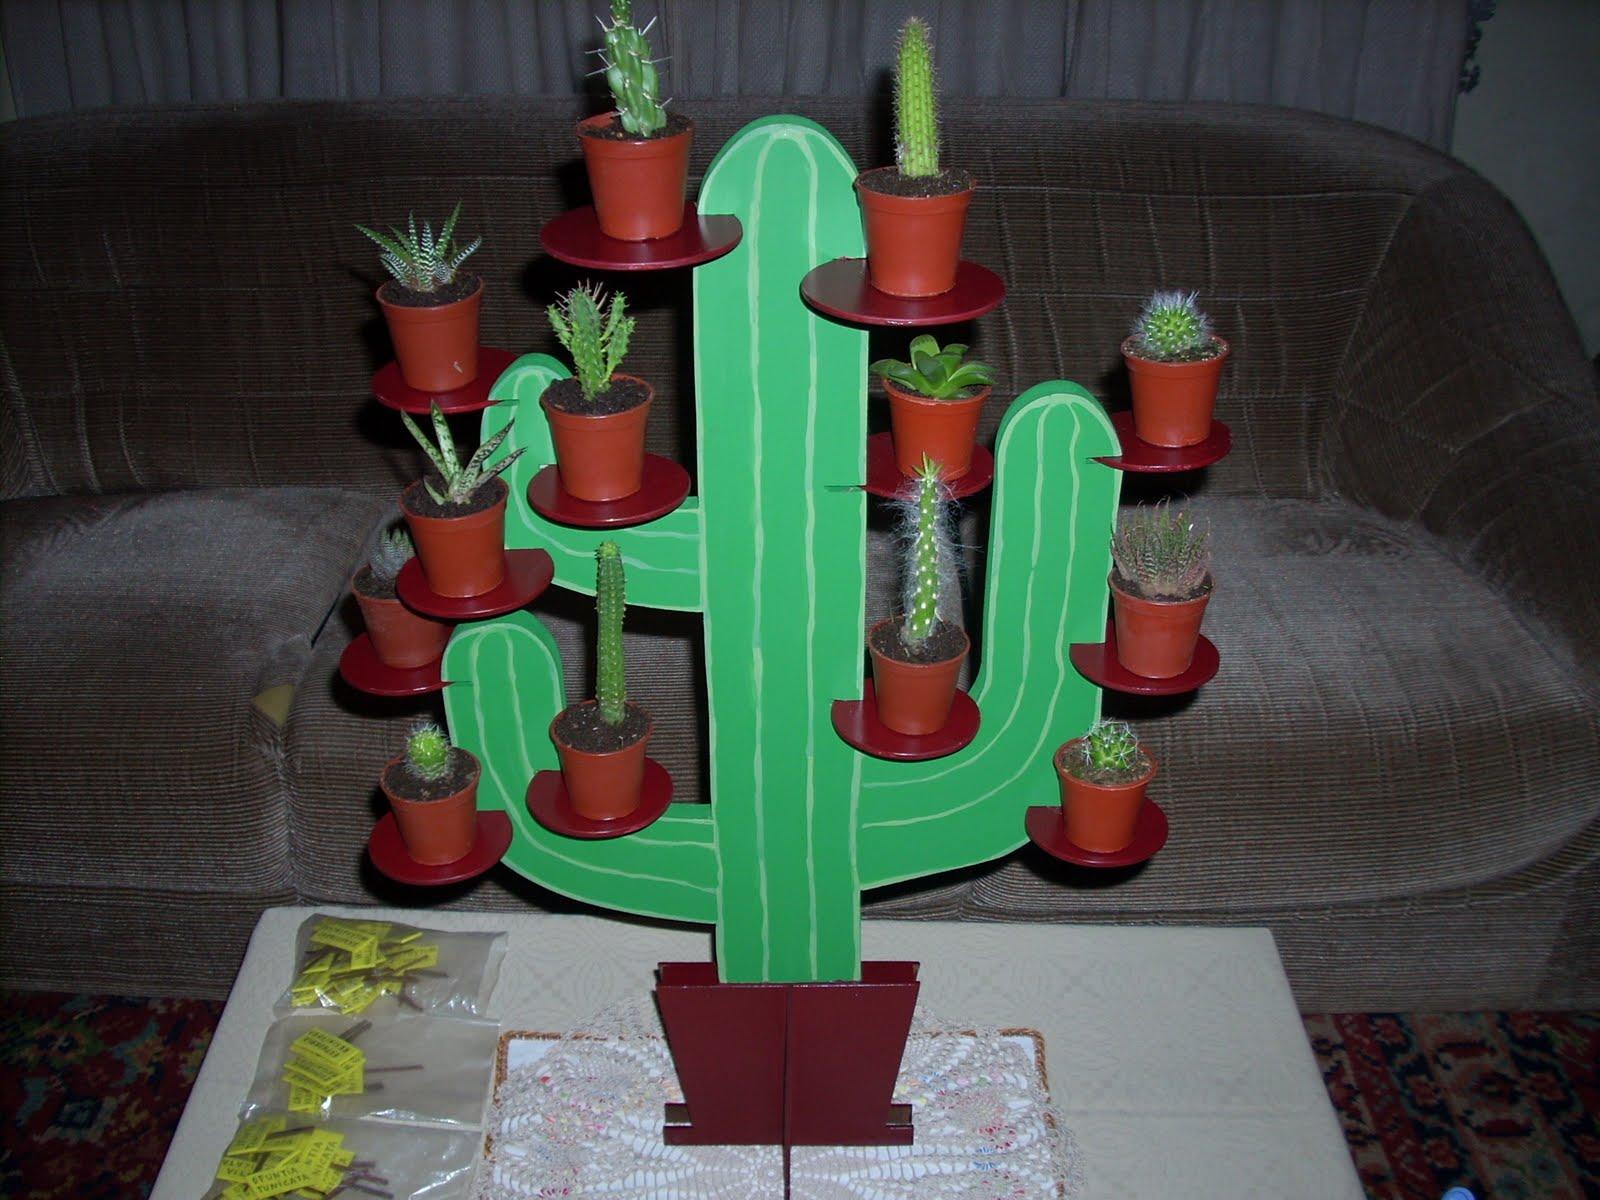 Vivero sanssouci arbolito de cactus una nueva forma for Viveros en temuco